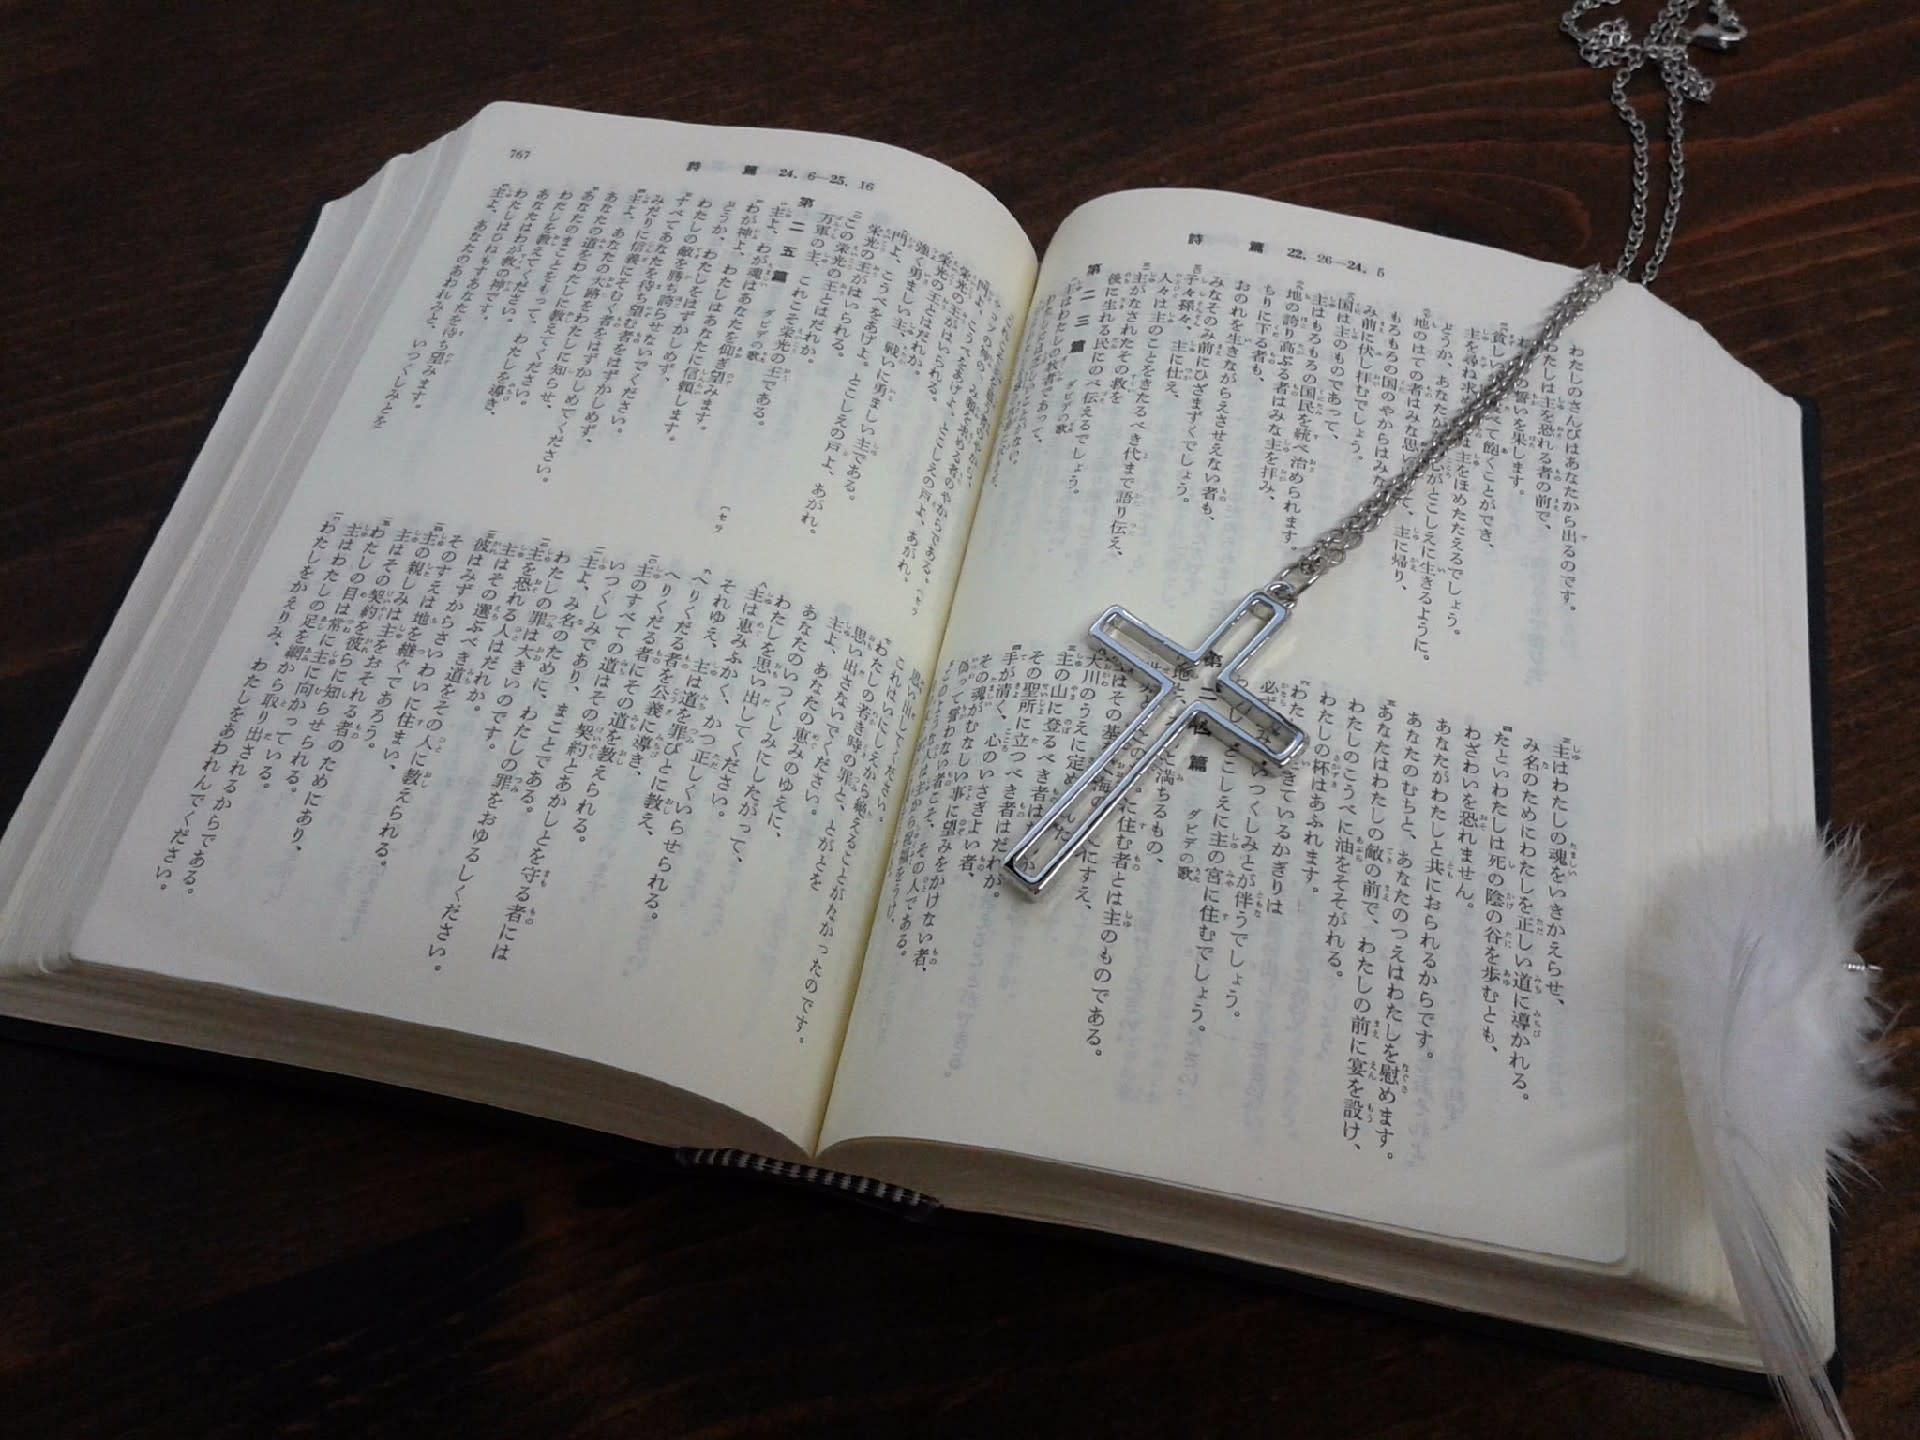 聖書 十字架 フリー写真素材